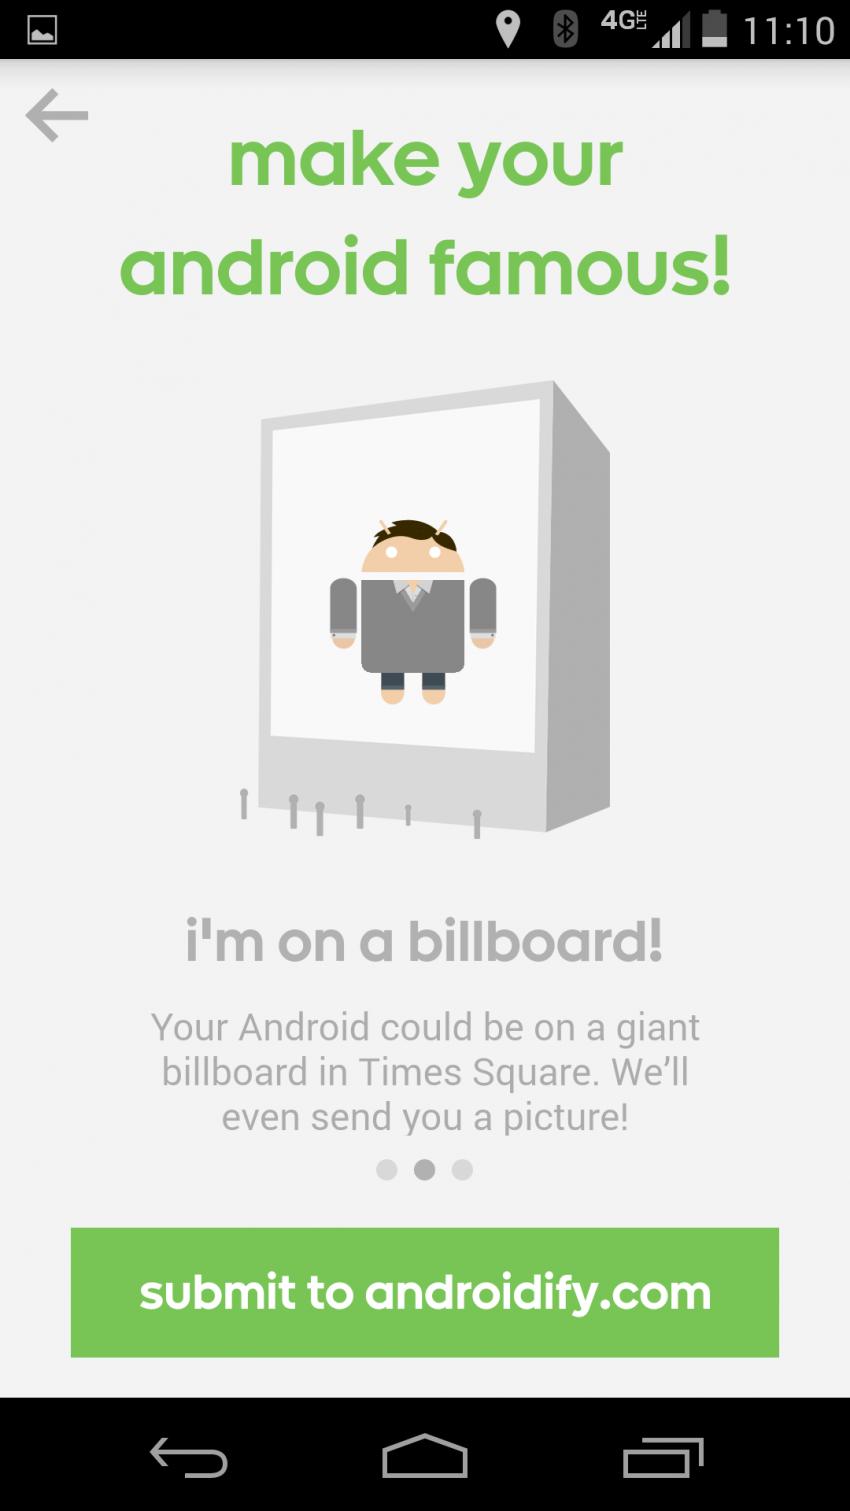 androidify 4